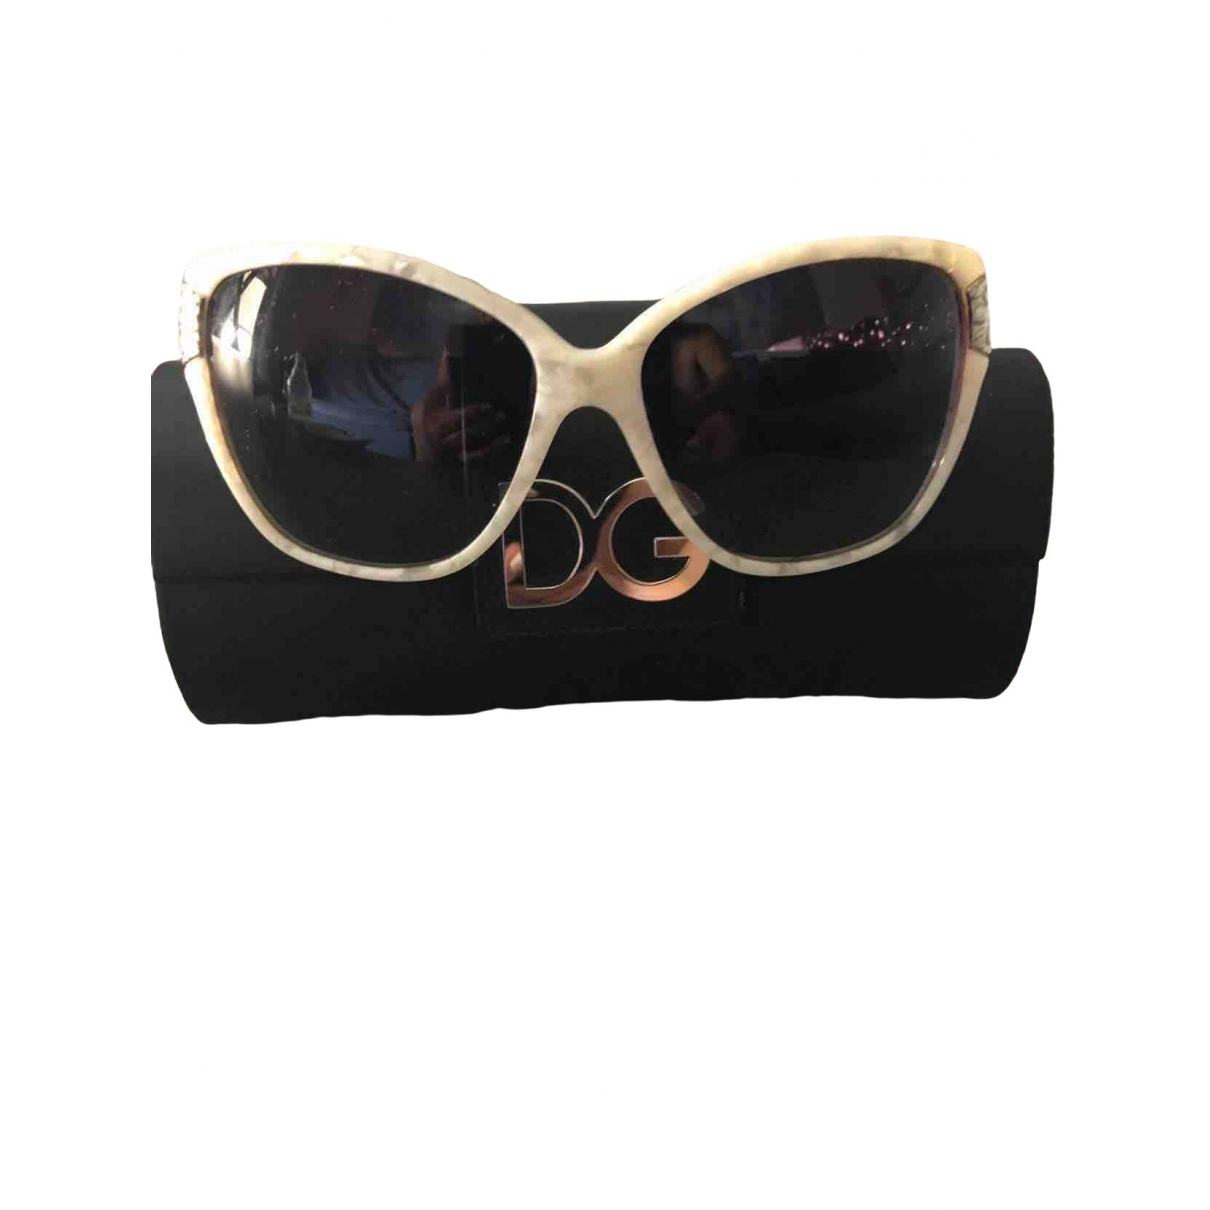 Dolce & Gabbana - Lunettes   pour femme - ecru